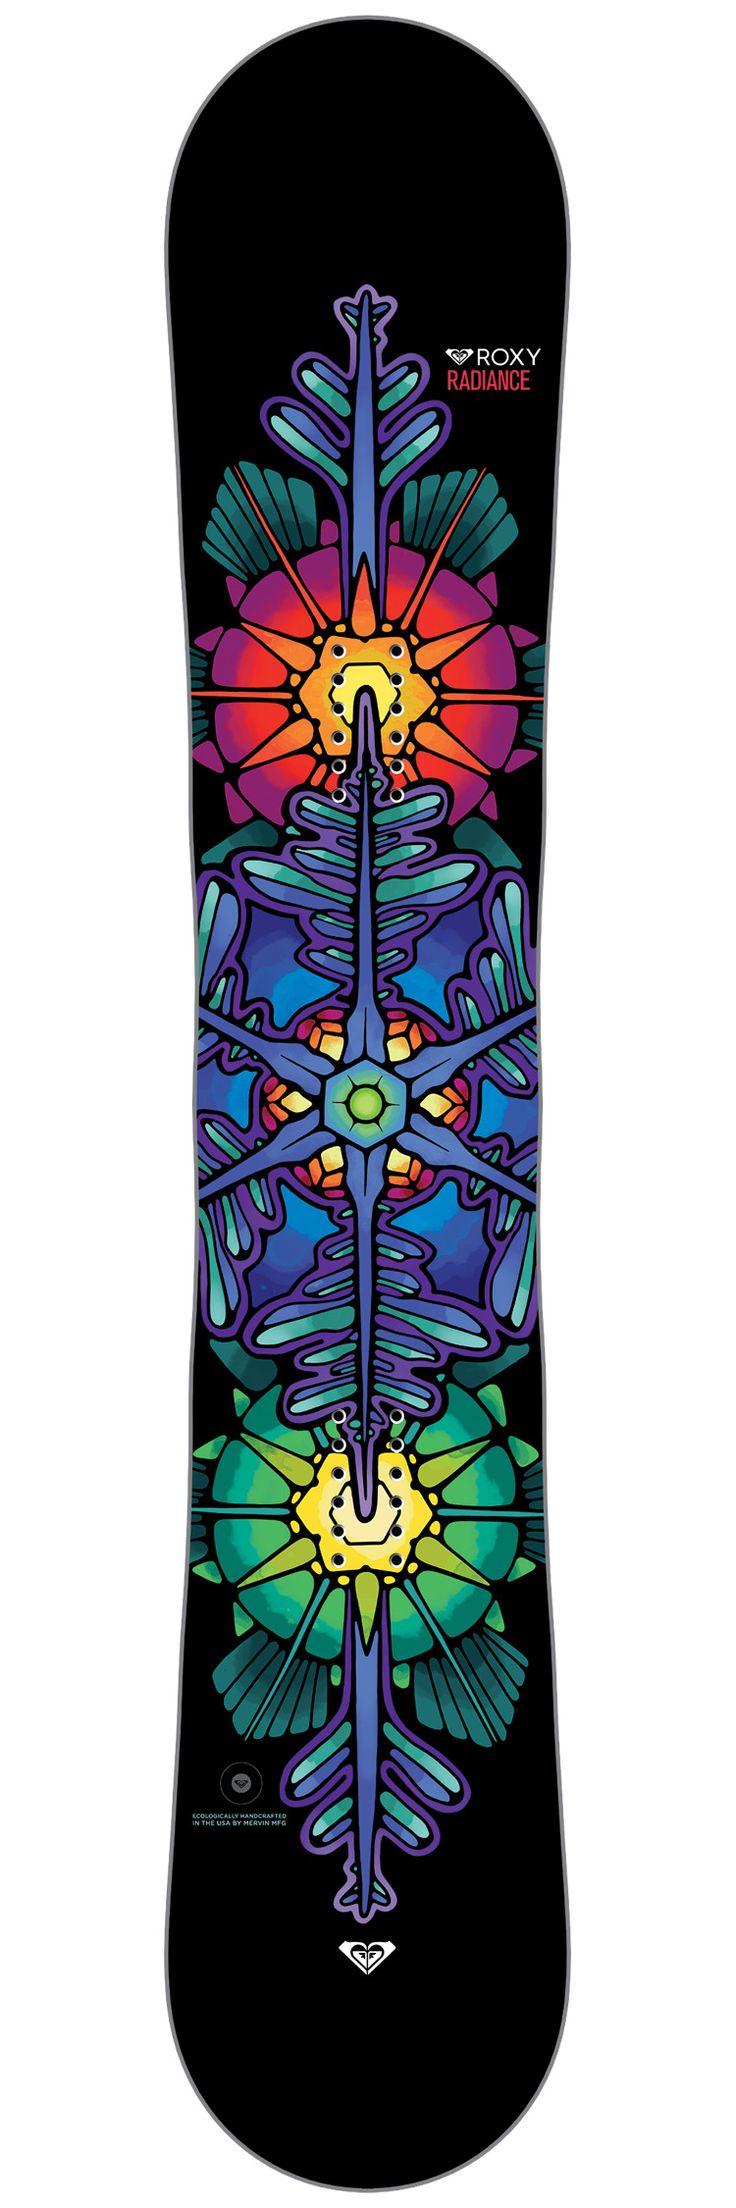 Planche snowboard Roxy Radiance Dessus 2017